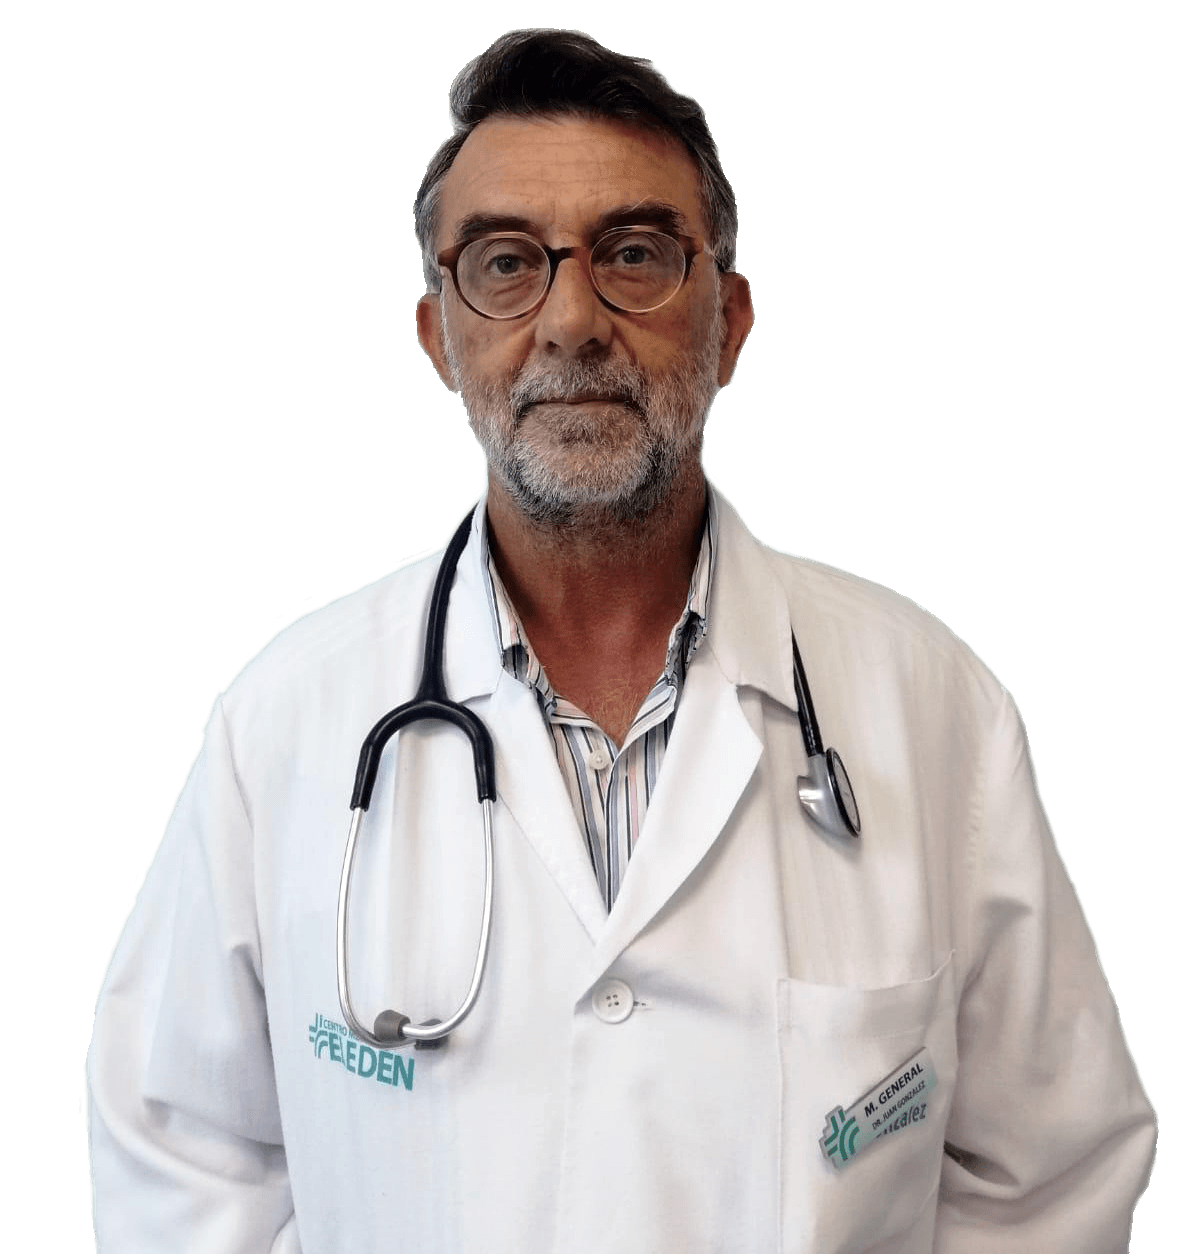 Dr Juan S. Gonzalez Benavente García - Director médico del centro y médico medicina general